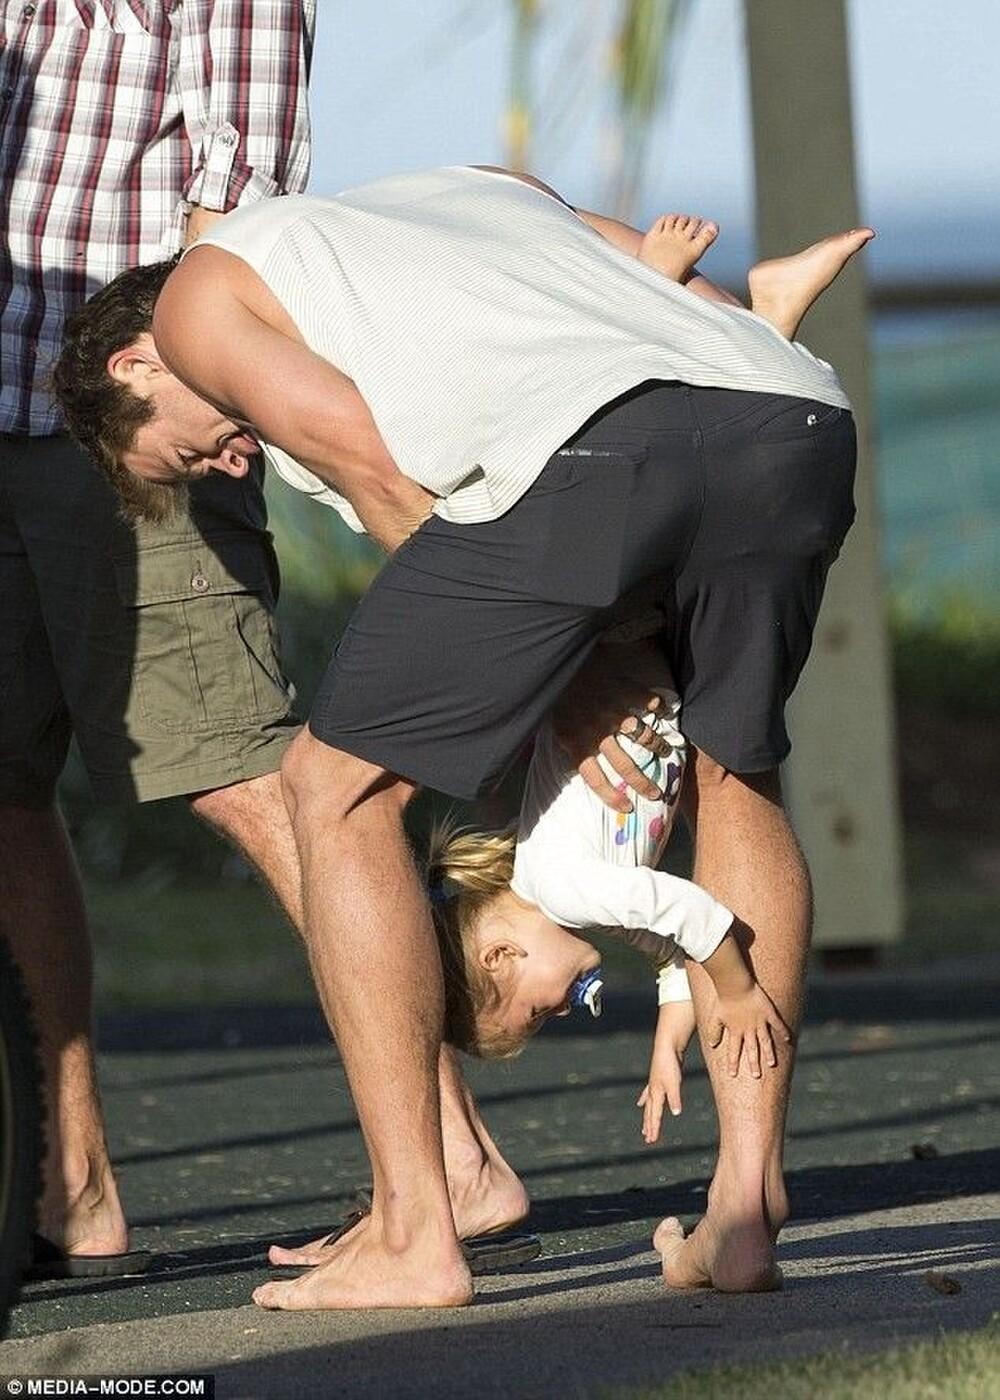 Thái cực đối lập của 2 thánh cơ bắp Hollywood khi chăm con: The Rock hóa bánh bèo, Thor lại cục súc dốc ngược cả con - Ảnh 13.